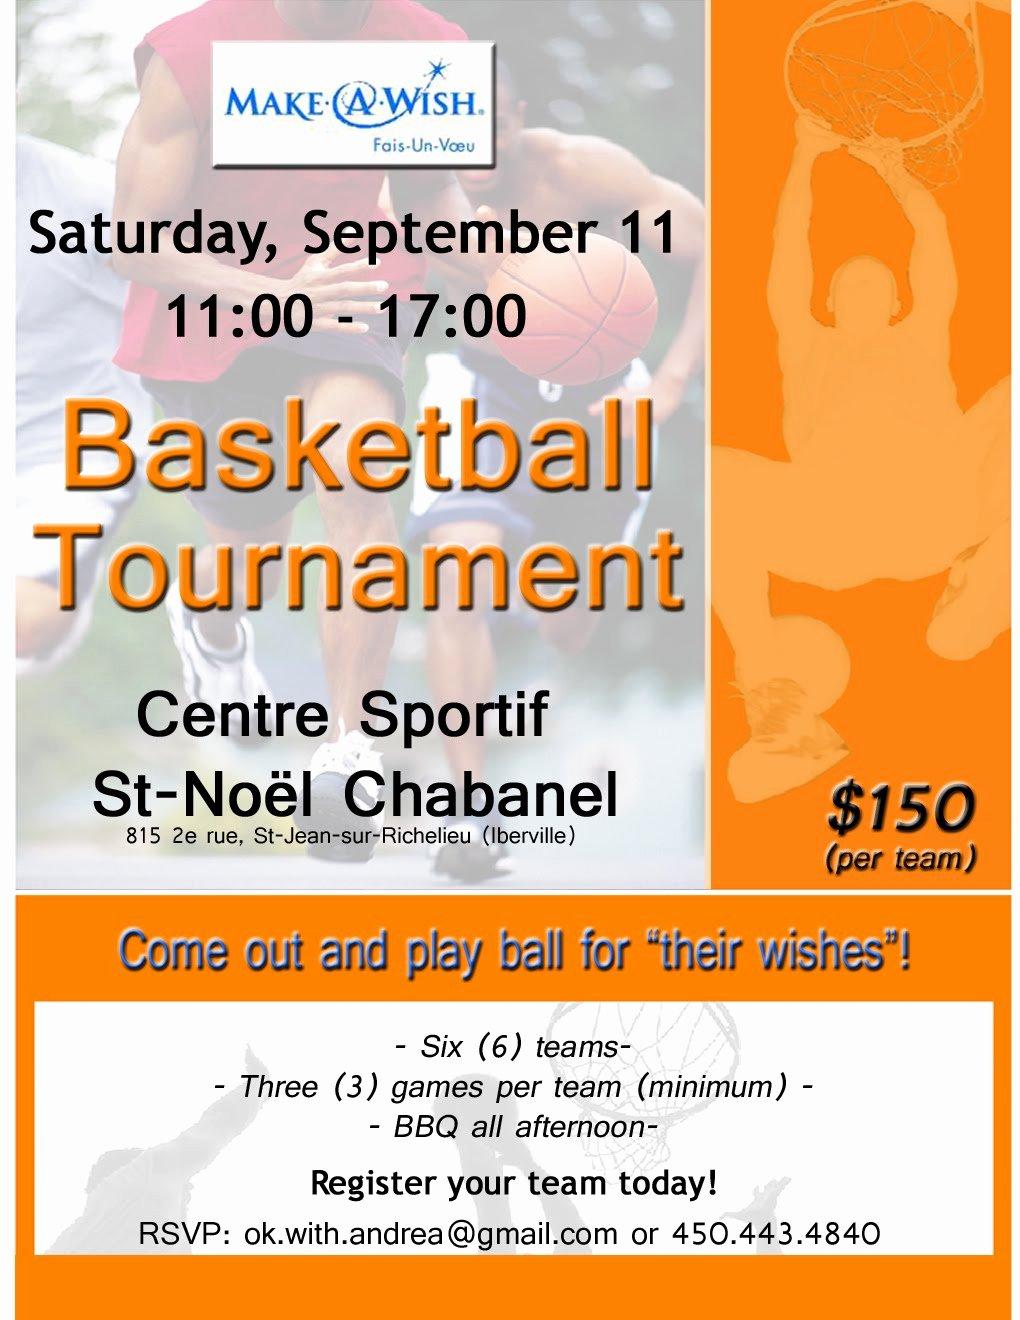 Fundraiser Flyer Template Free Beautiful Basketball Fundraiser